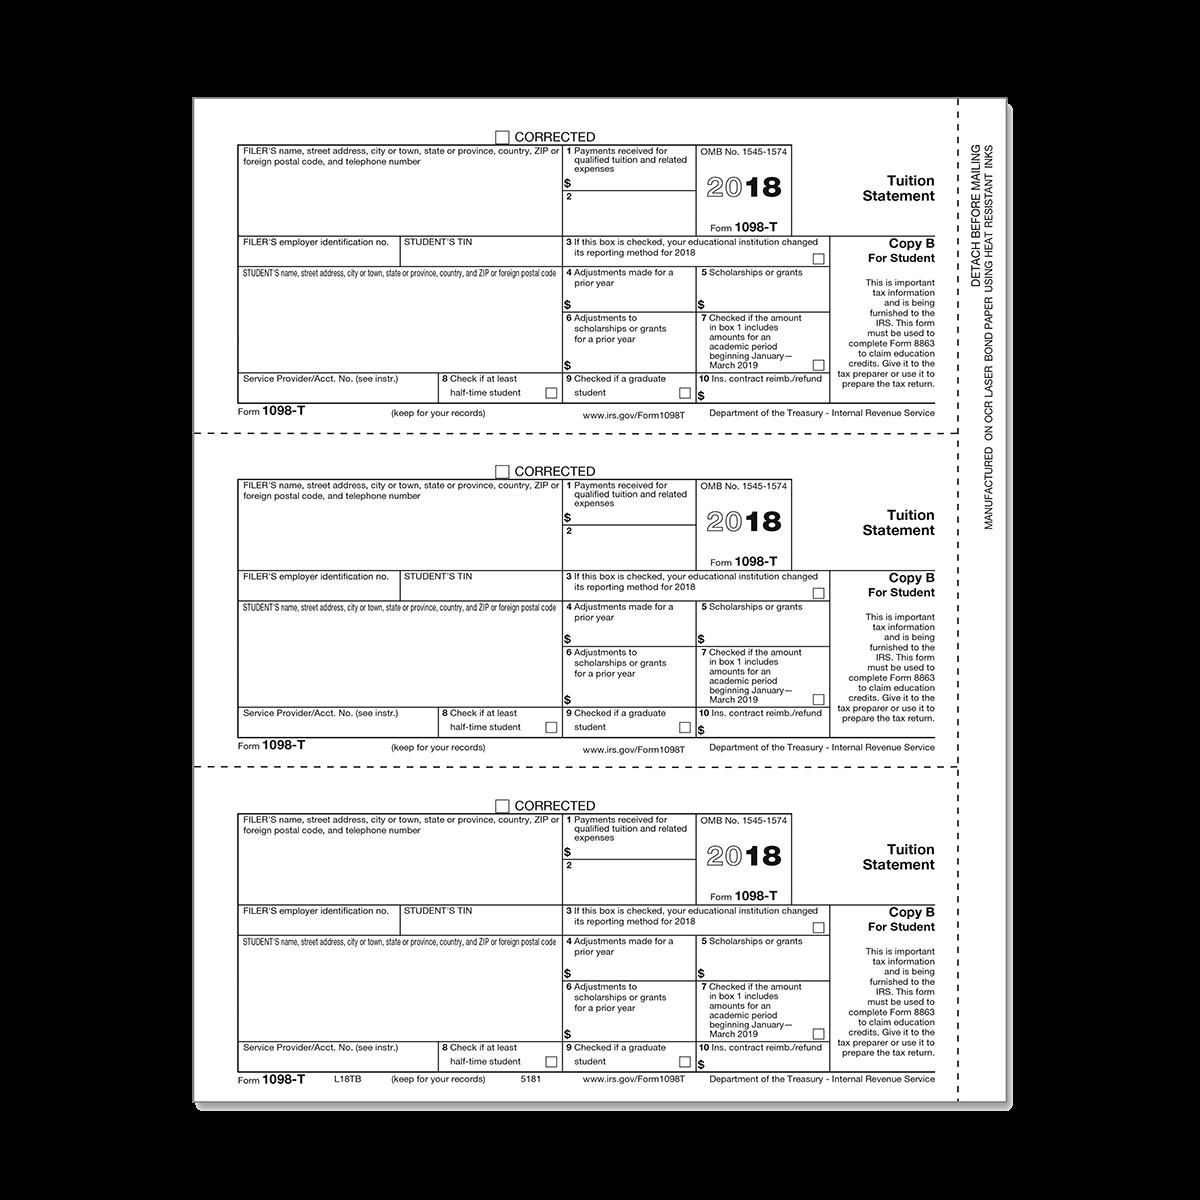 Form 1098-T Student Copy B | Mines Press